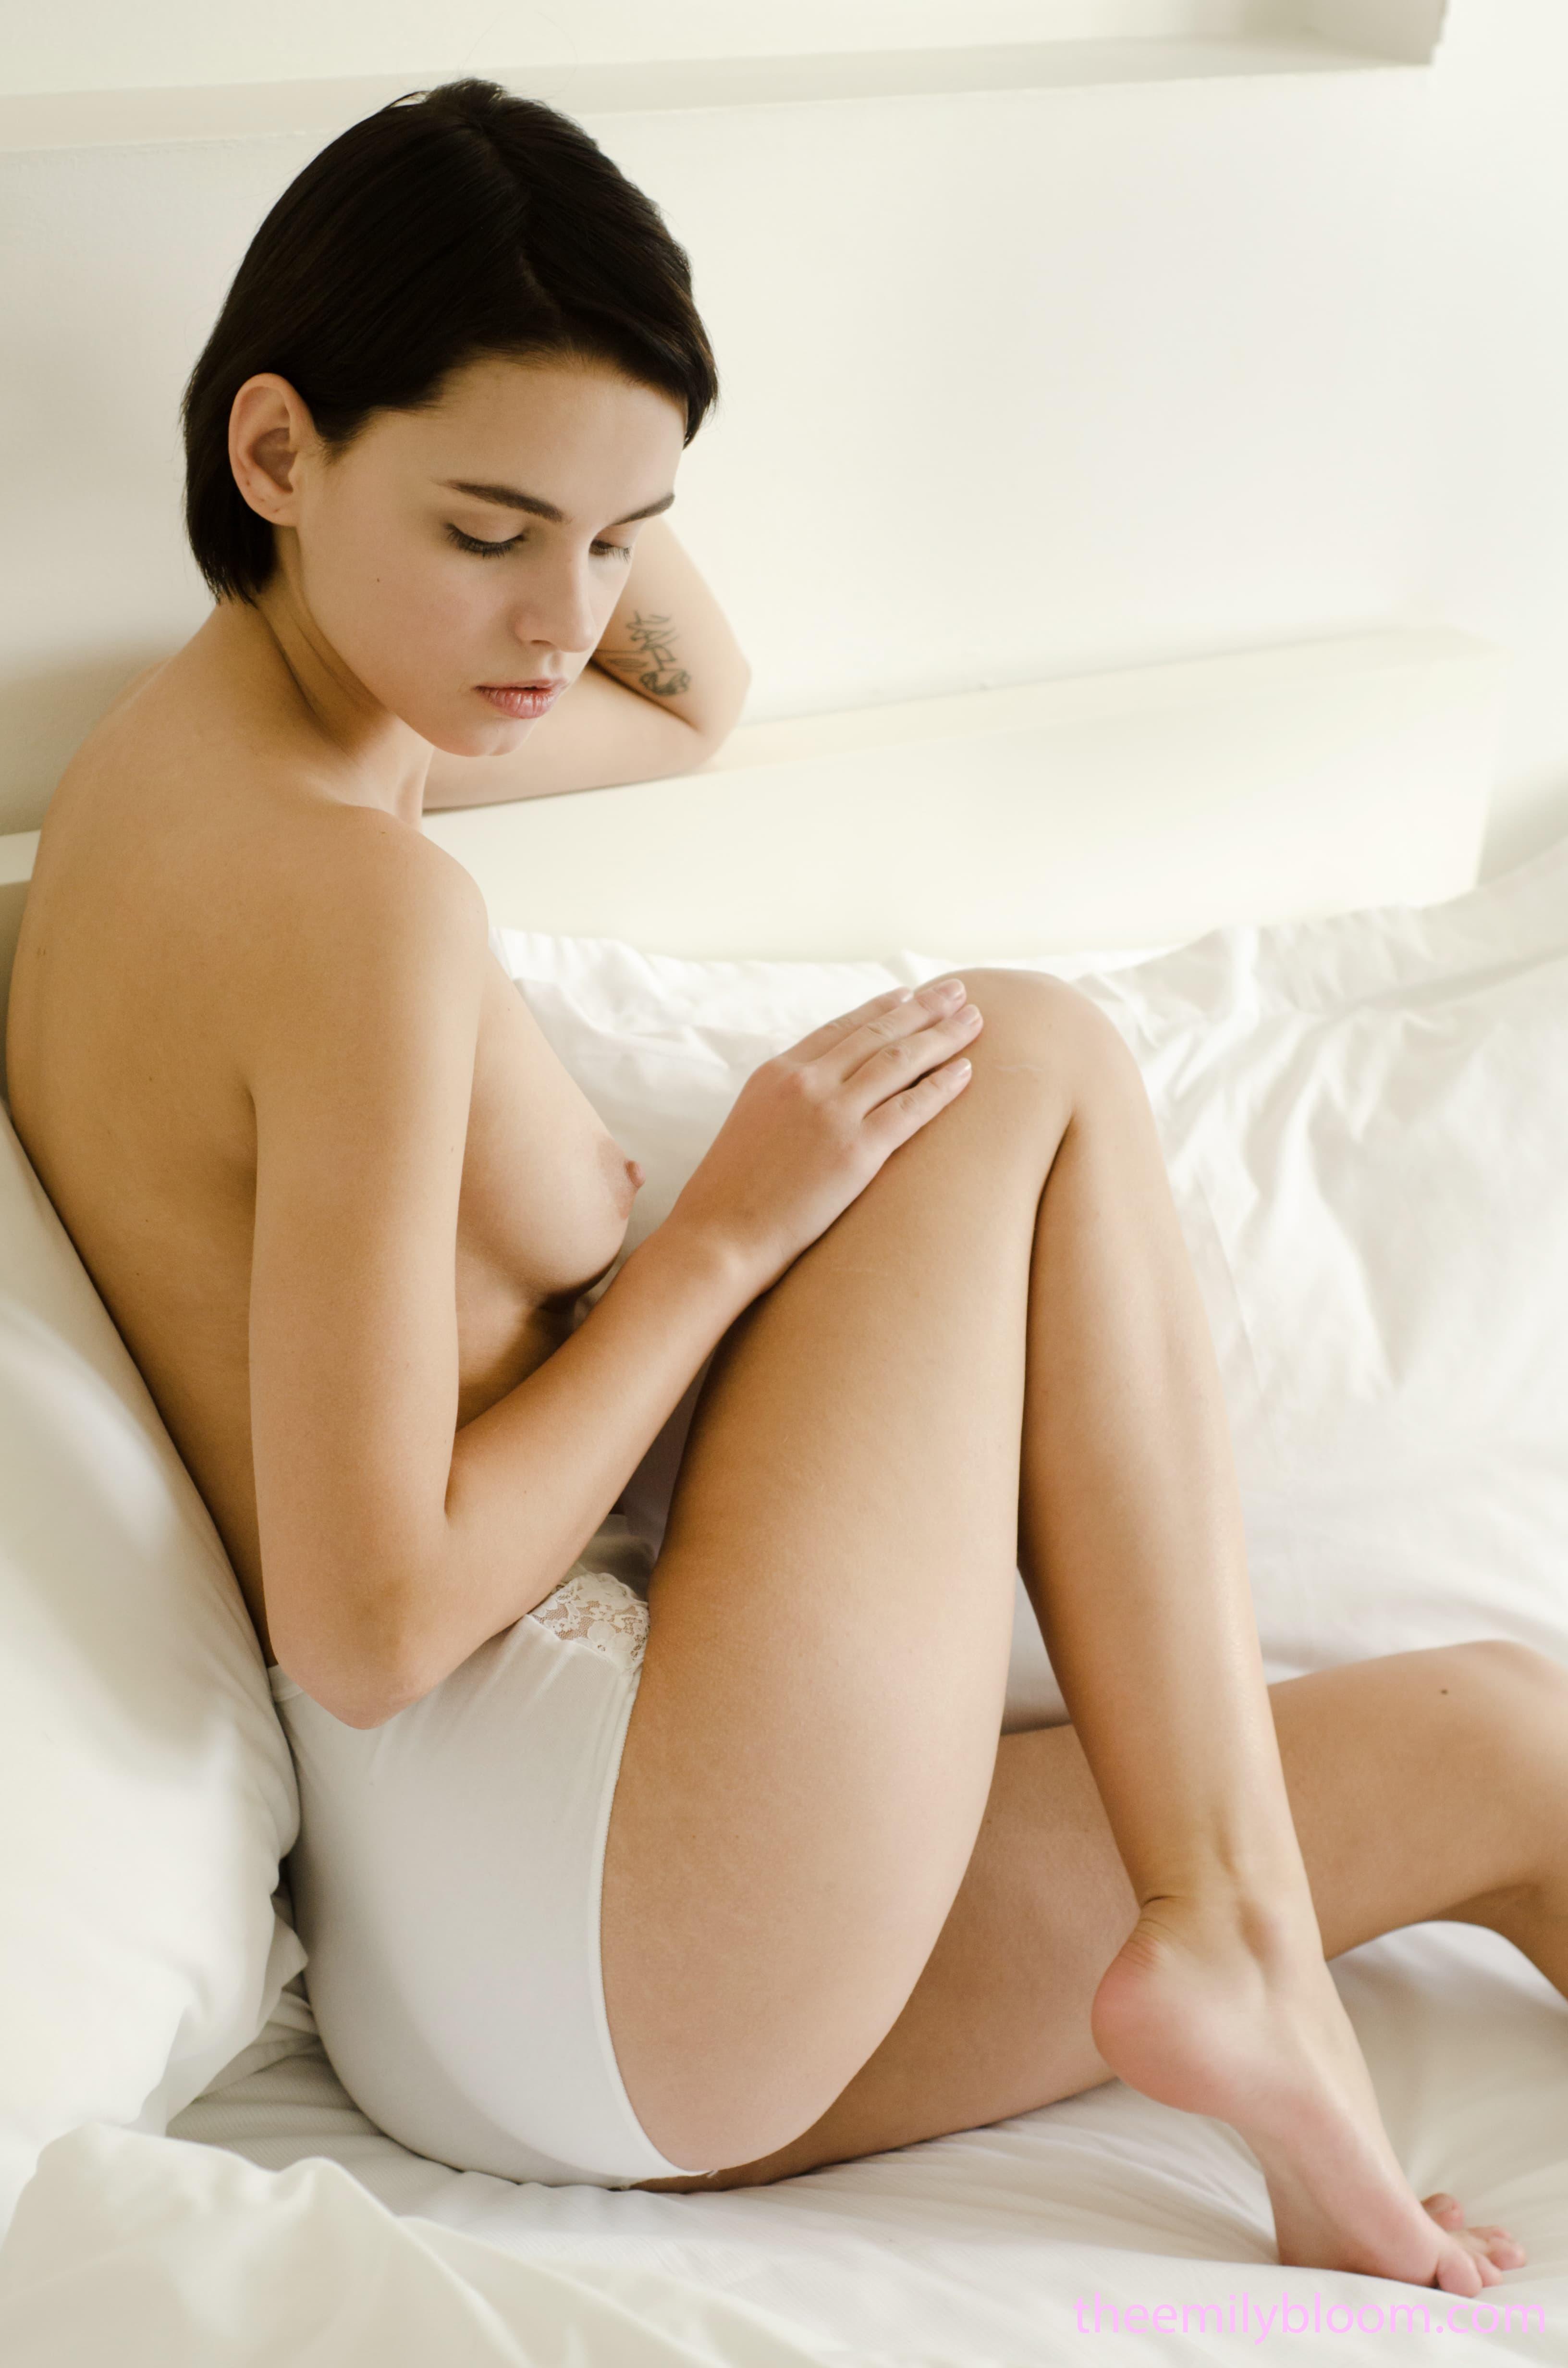 Брюнетка проснулась в трусиках - фото